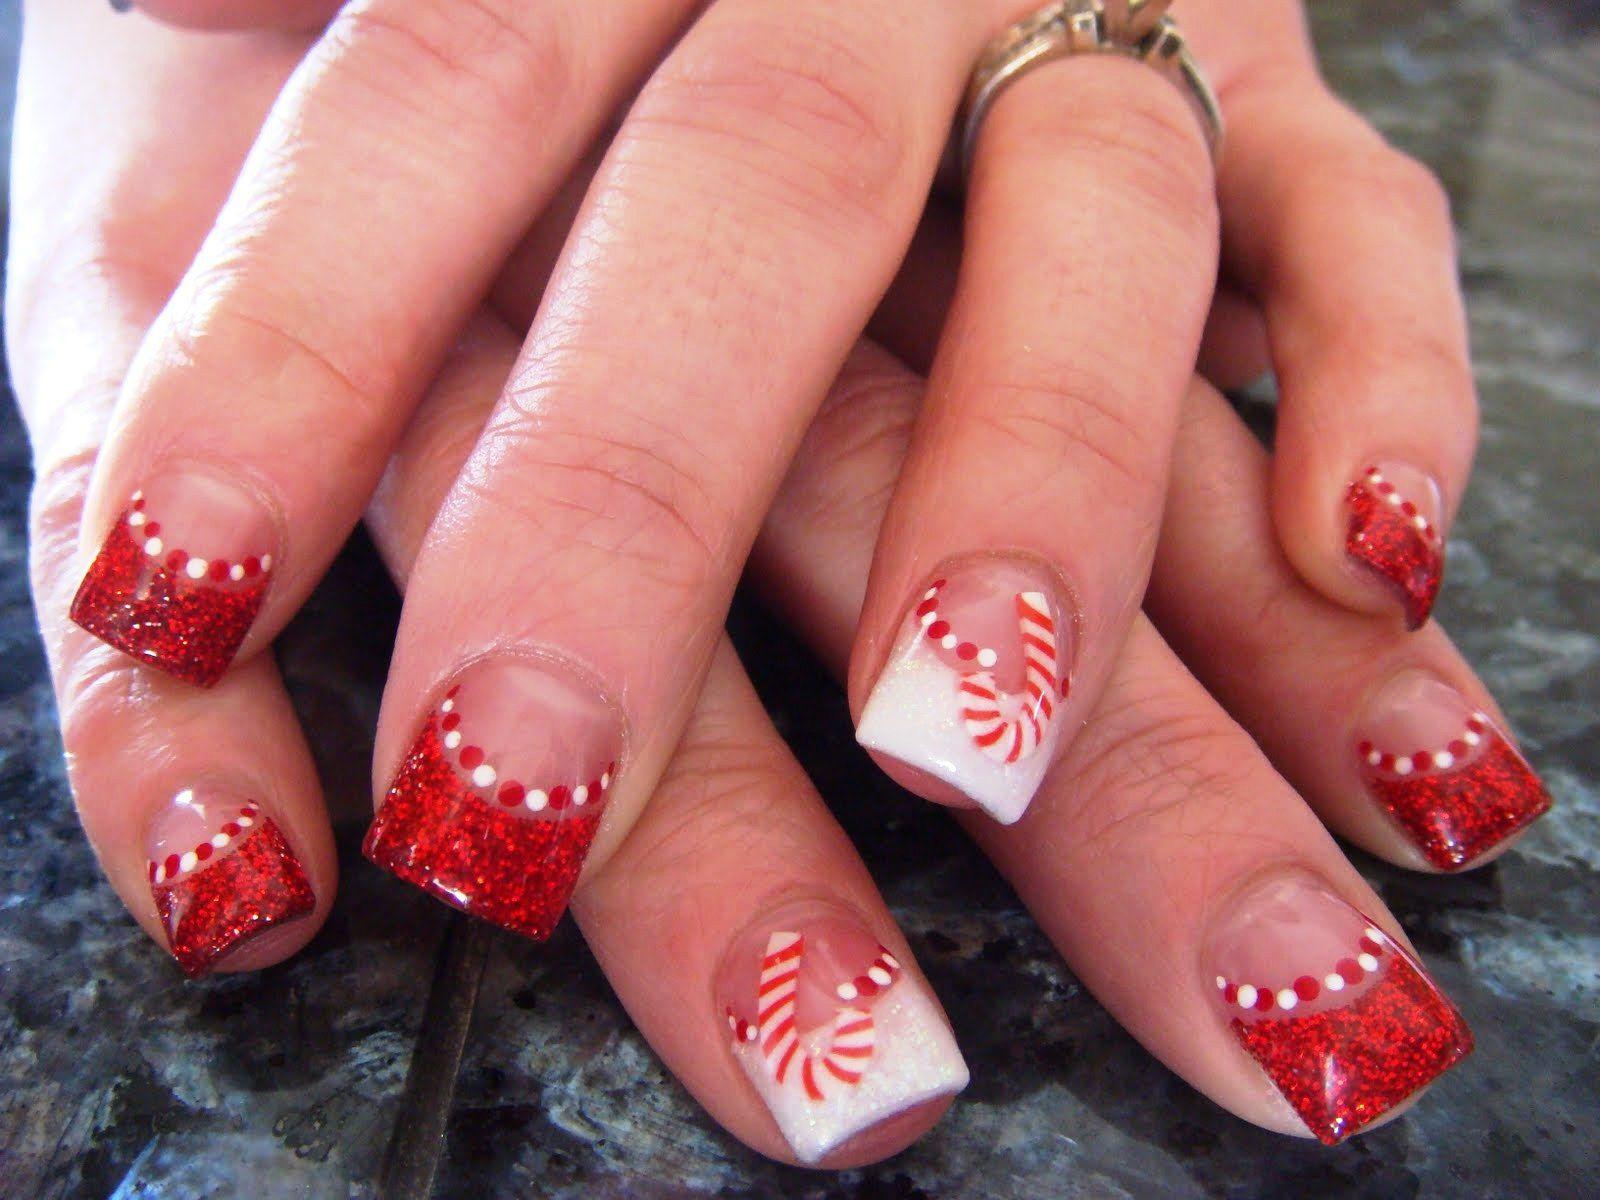 Acrylic Nail Tips Candy Cane Http Nailarting Com Acrylic Nail Tips Candy Cane Cute Christmas Nails Red Acrylic Nails Candy Cane Nails